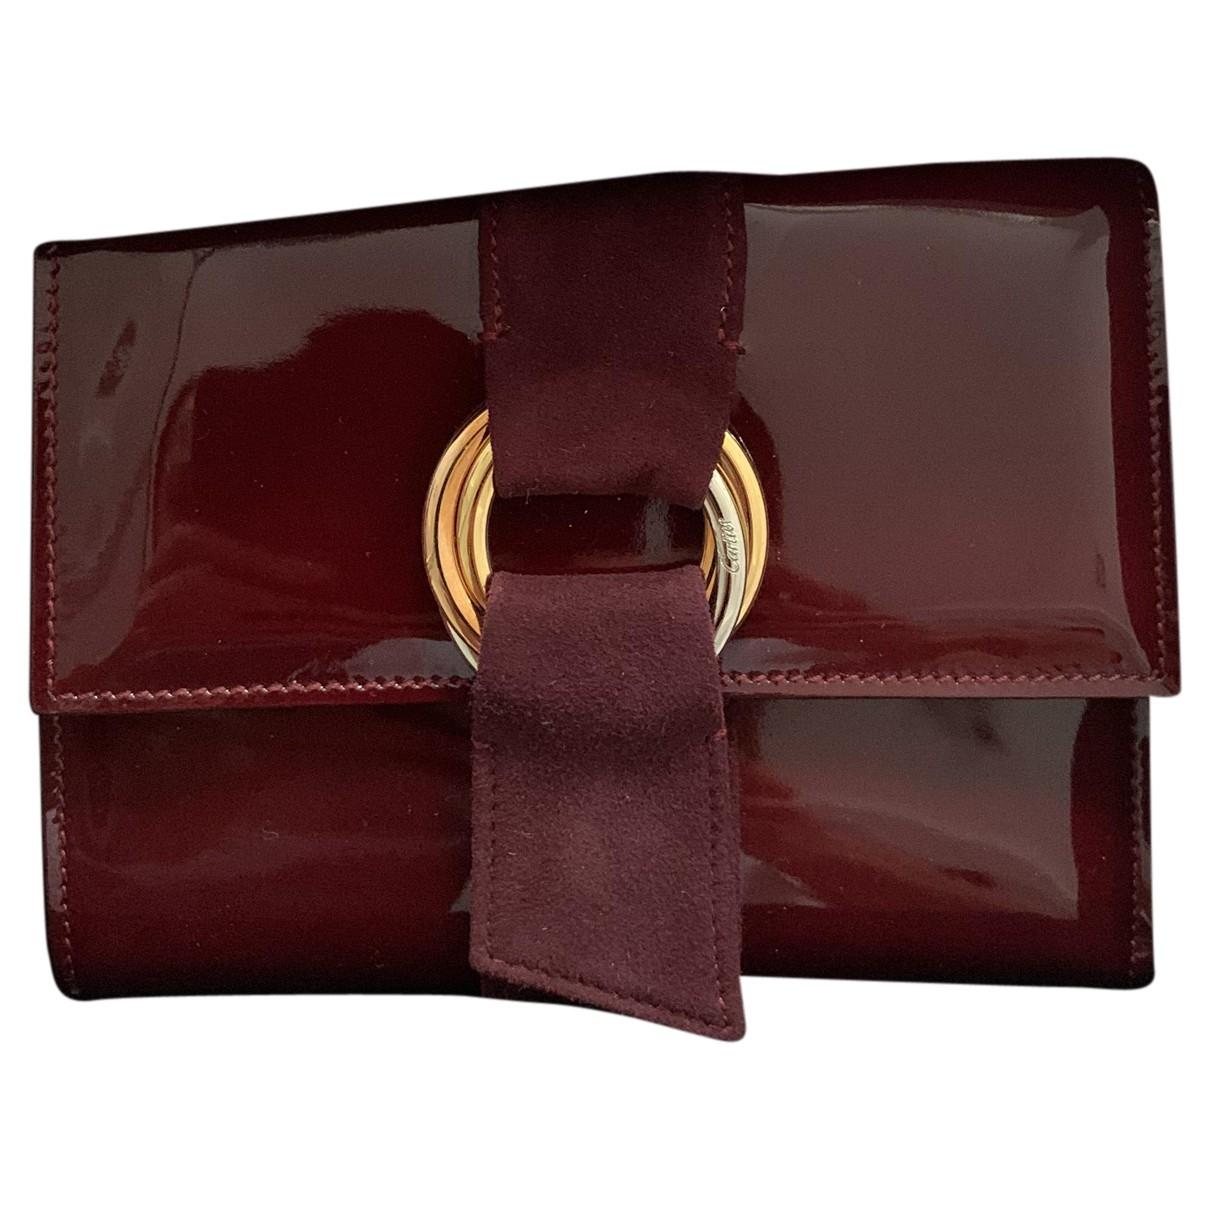 Cartier - Petite maroquinerie   pour femme en cuir verni - bordeaux